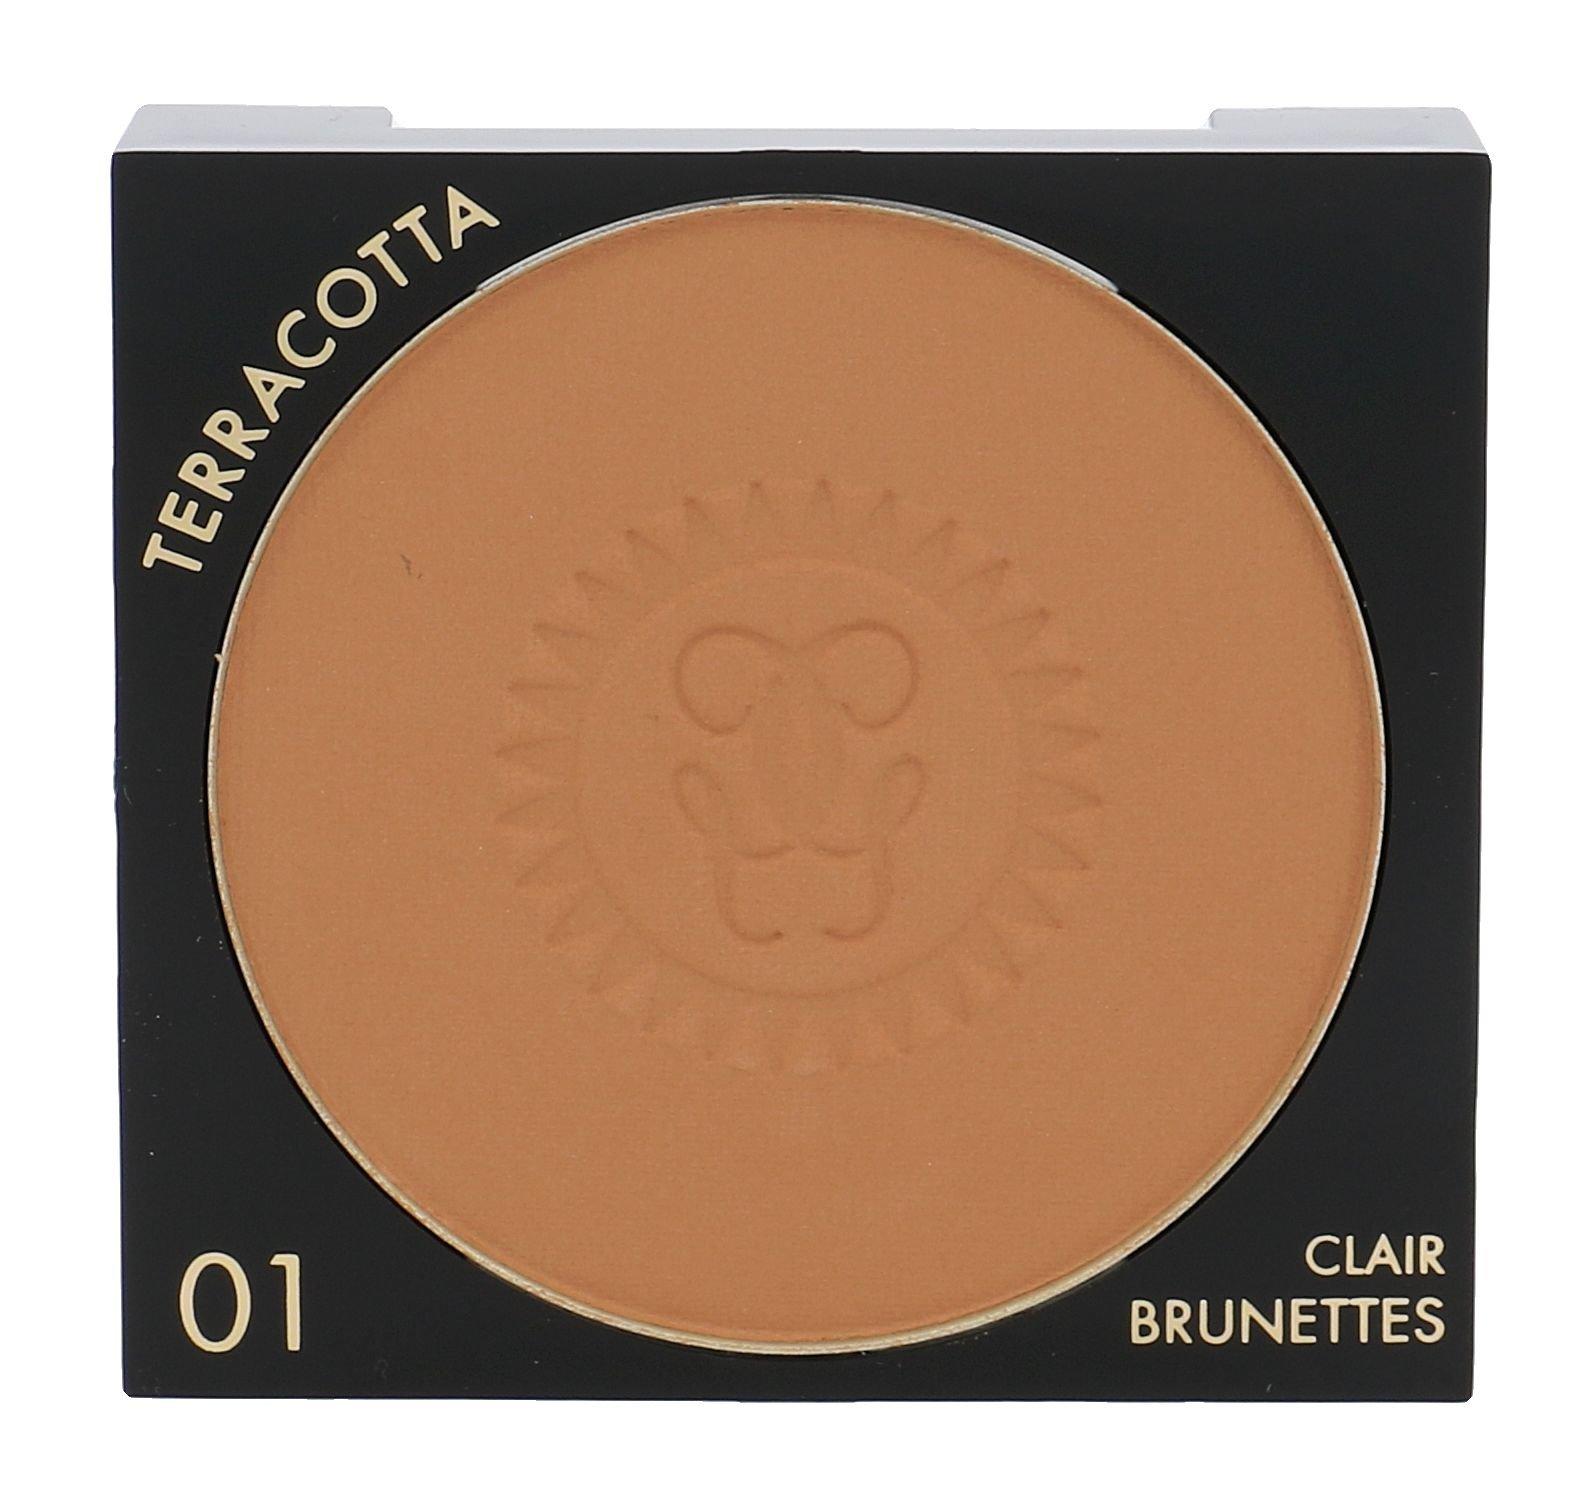 Guerlain Terracotta Cosmetic 6ml 01 Light-Brunettes